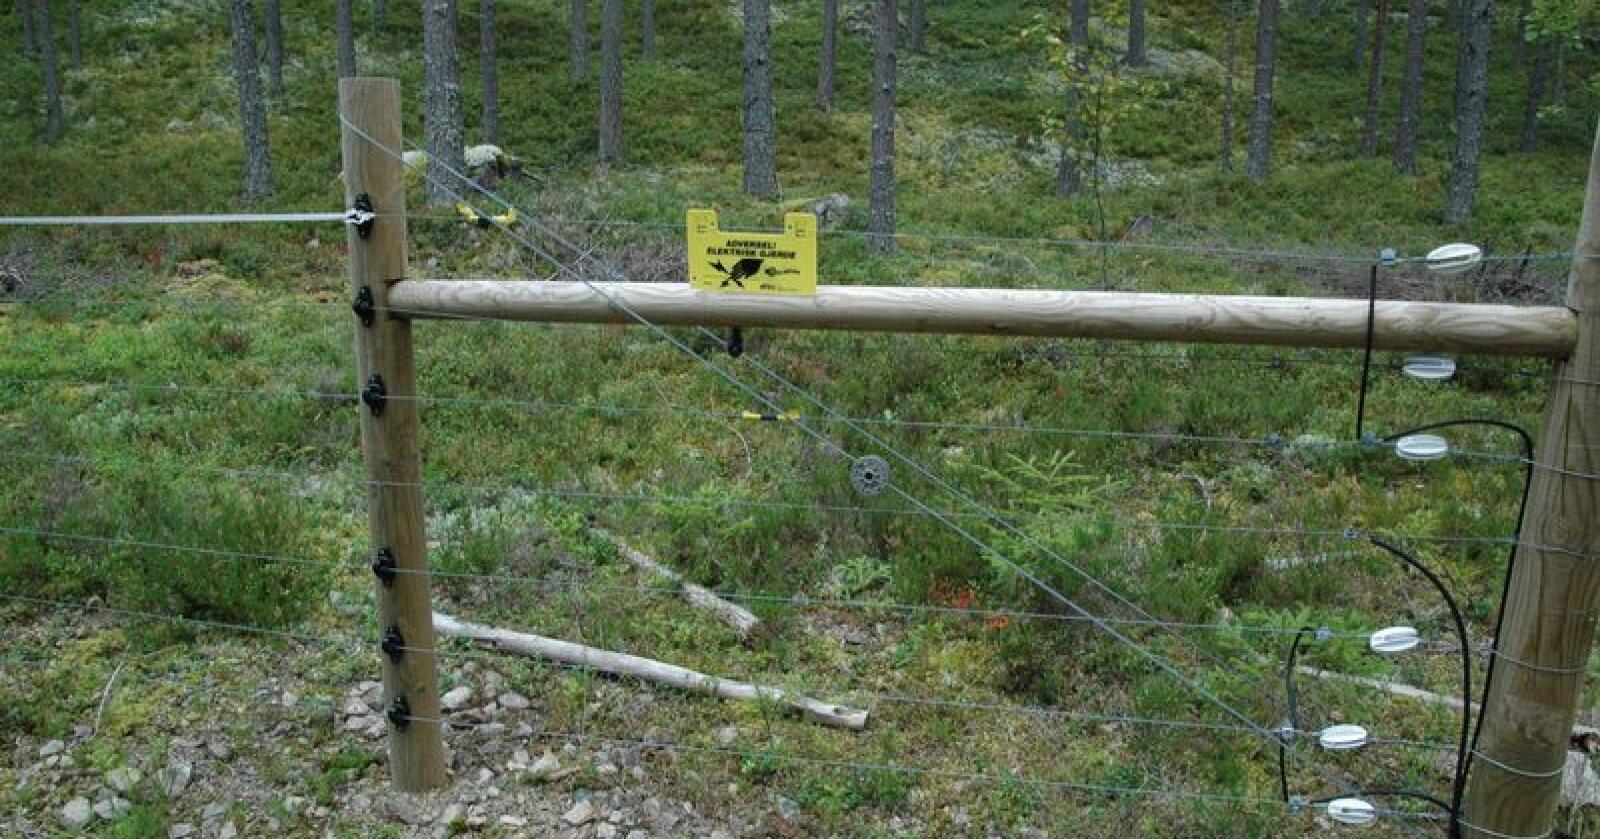 Rovviltavvisende gjerder blir mer og mer aktuelt i de verst utsatte rovdyrområdene, mener Nibioforsker og leder av Norsk viltskadesenter Inger Hansen til Bondebladet. (Arkivfoto)